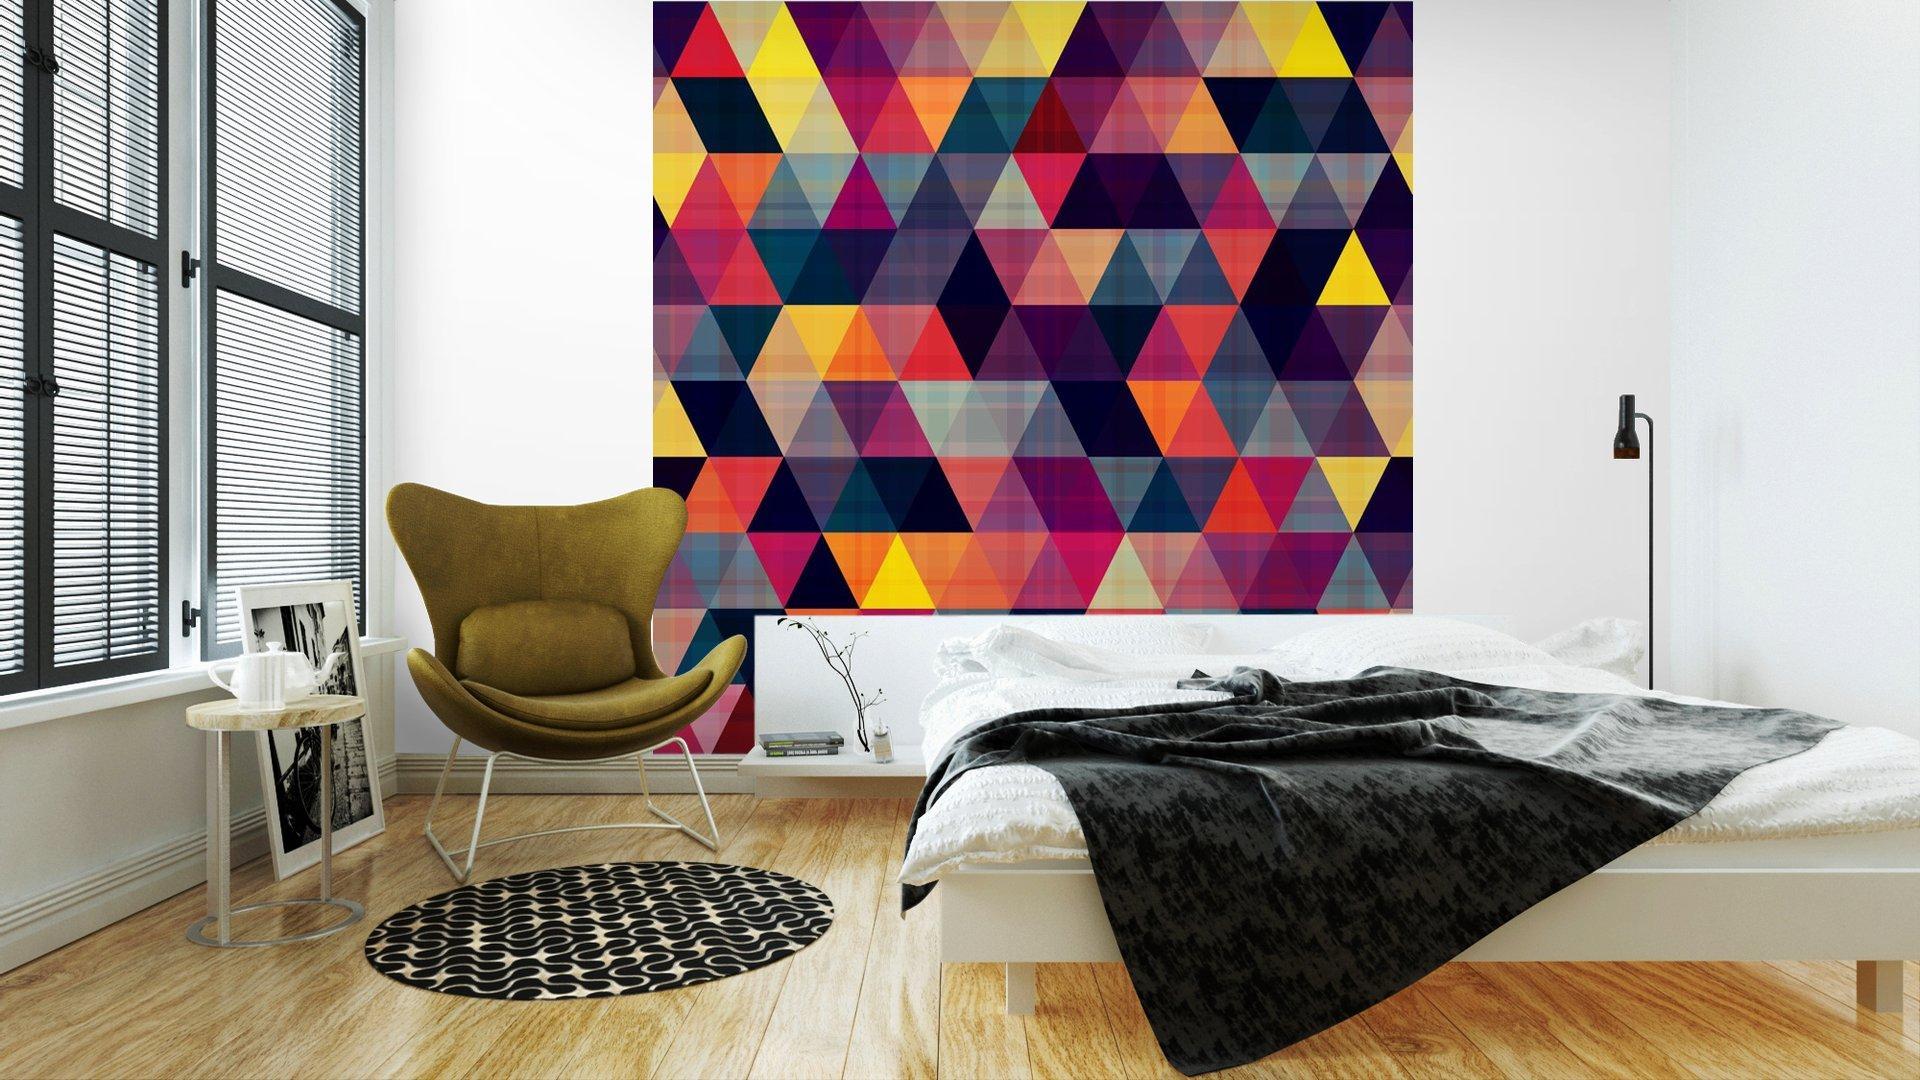 TRIÁNGULO FONDO SIN FISURAS2 - Fotomural Tapiz Geométrico Triángulo